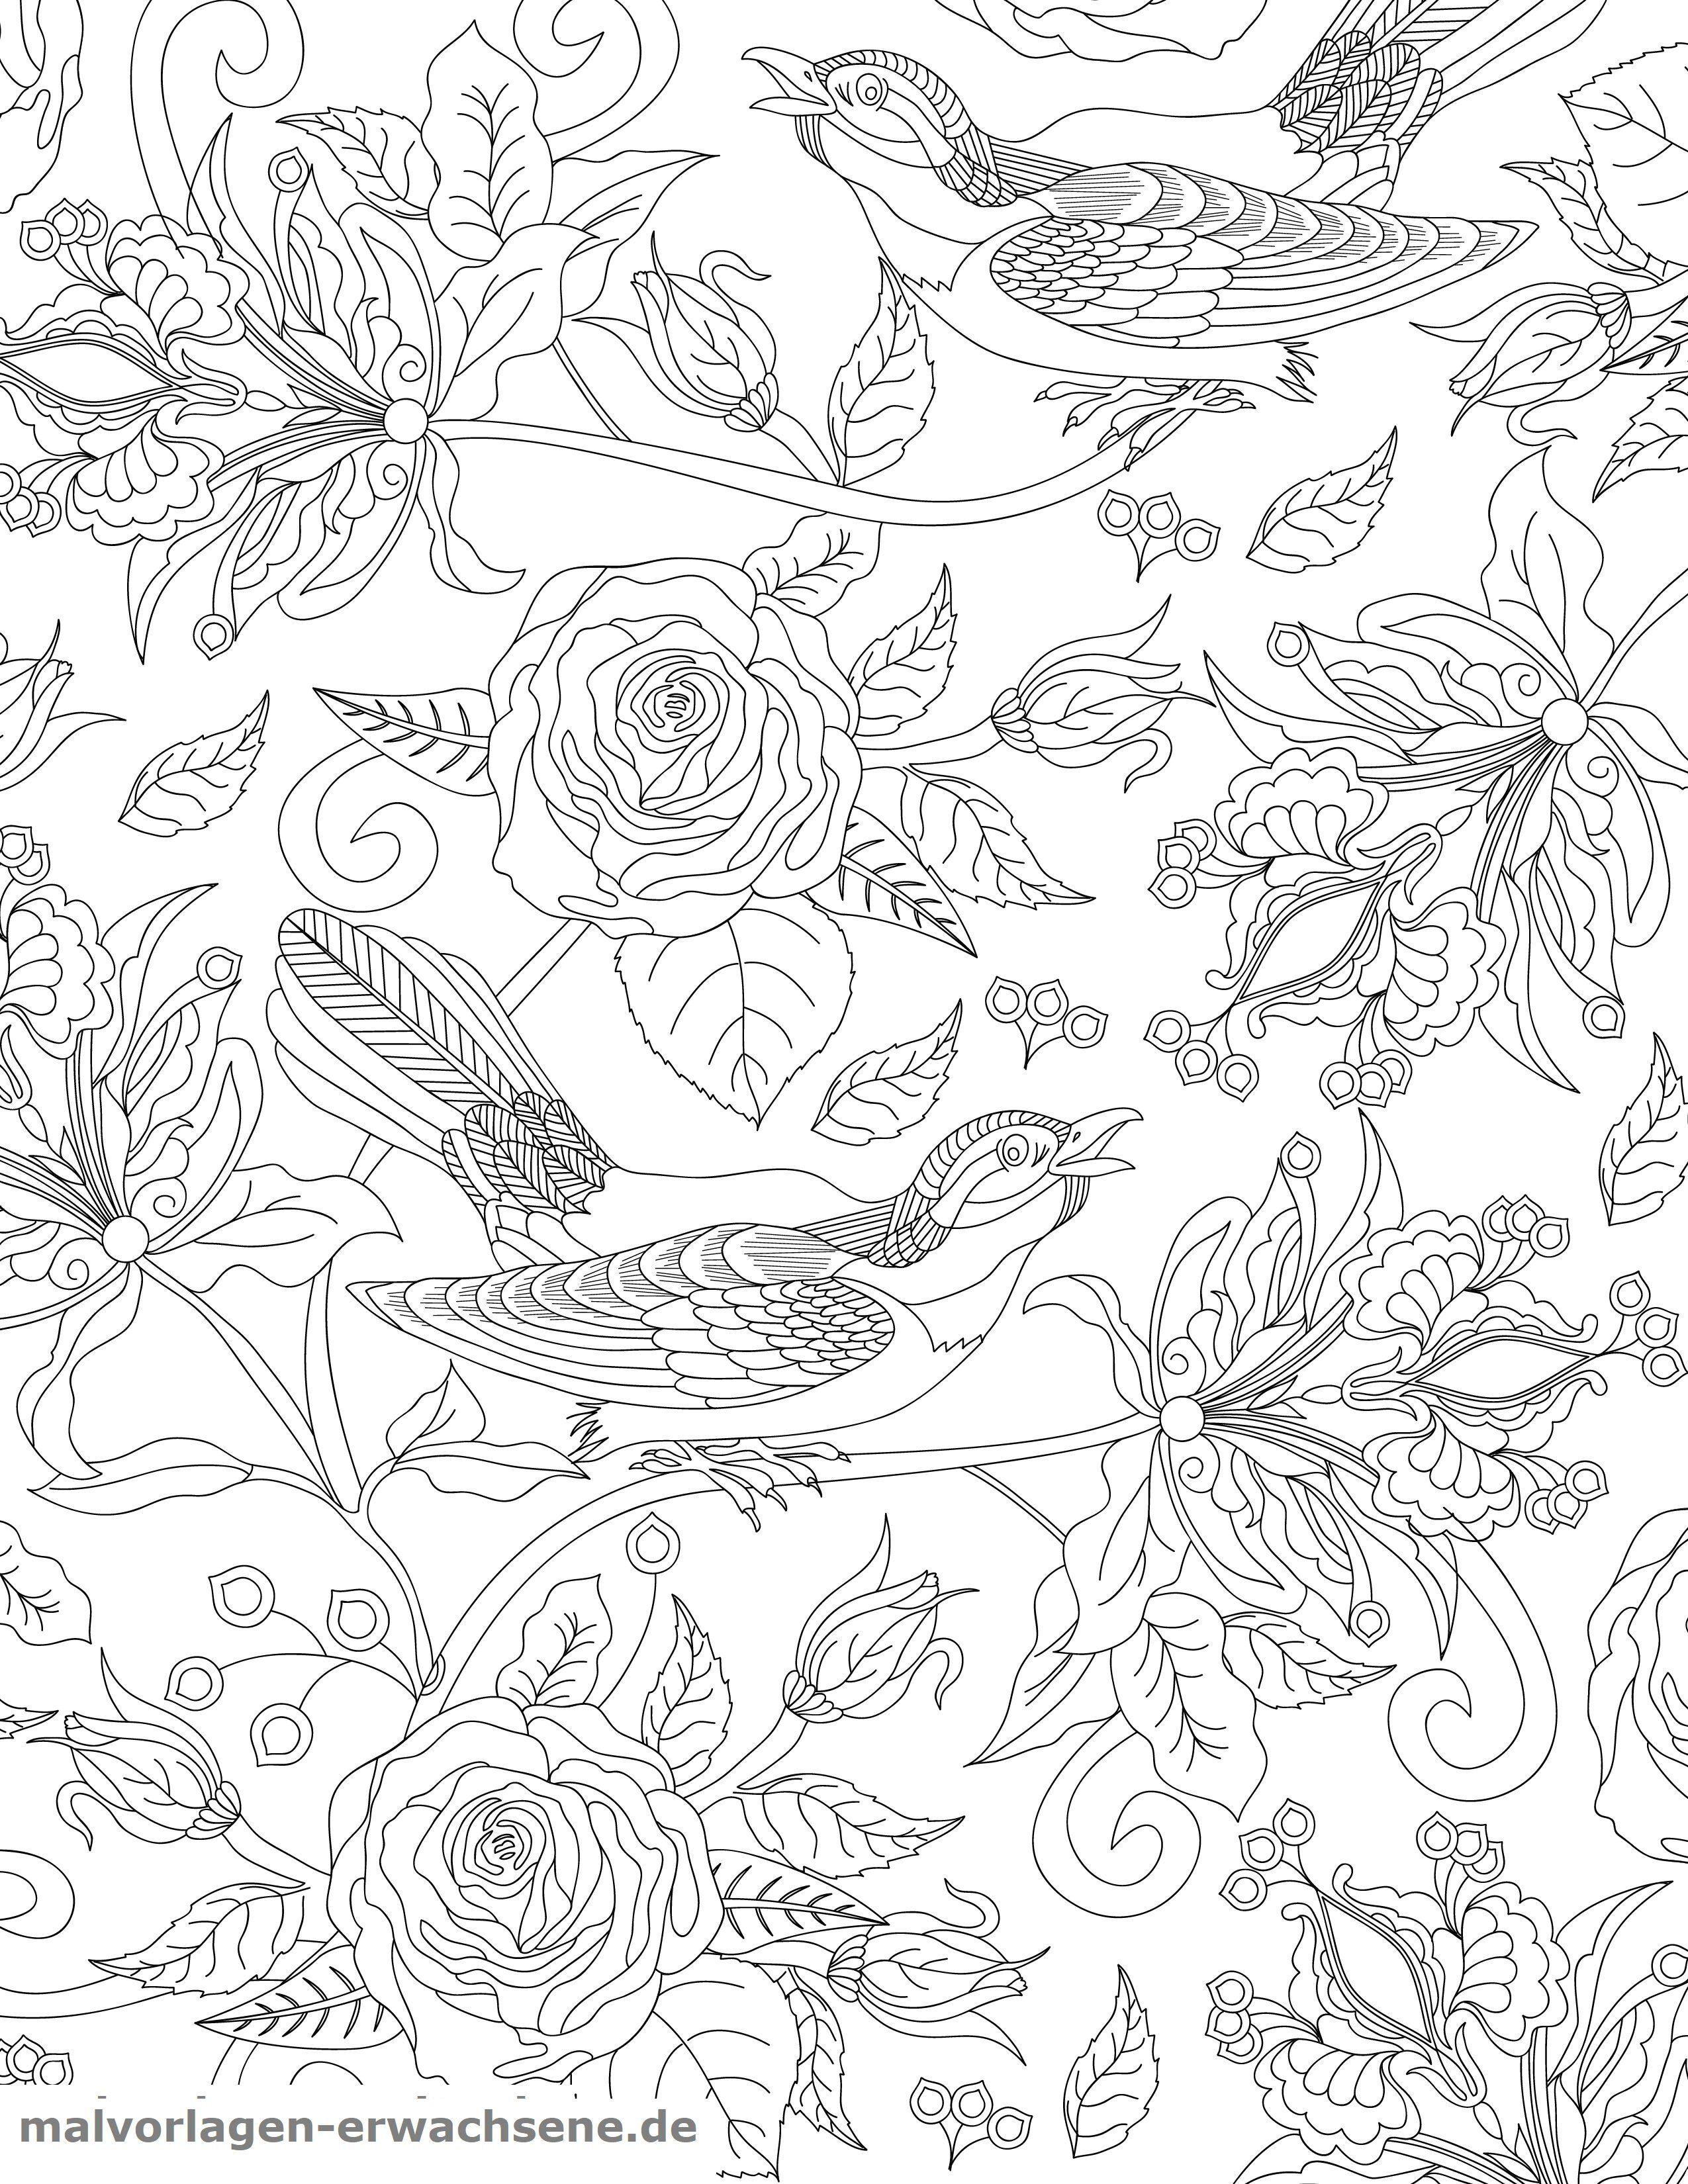 Malvorlage Vögel Und Rosen Gratis Malvorlagen Zum Download